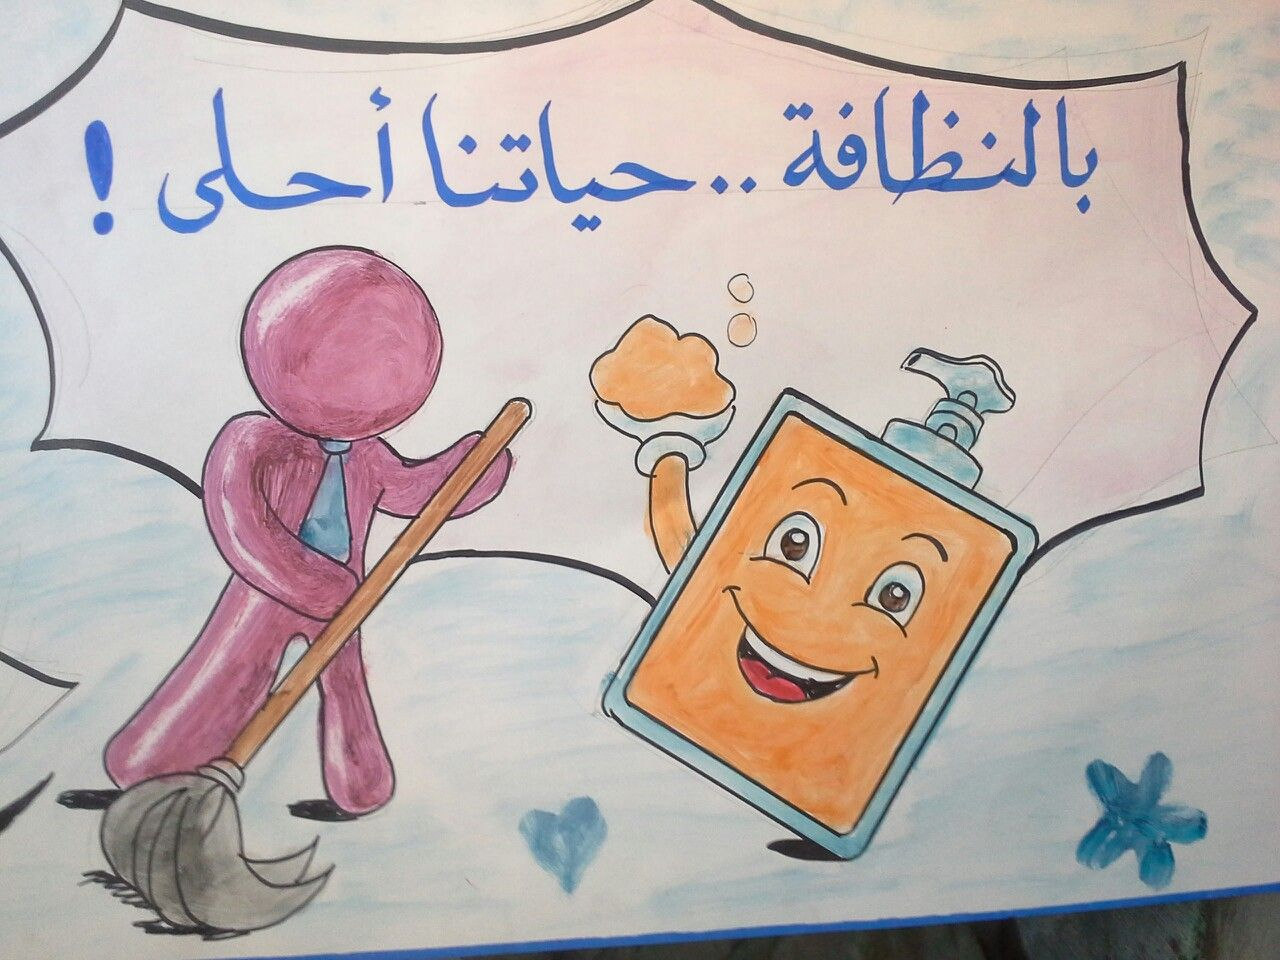 بالصور صور عن النظافة , اشياء حثنا عليها الاسلام بدونها نمرض 6663 2